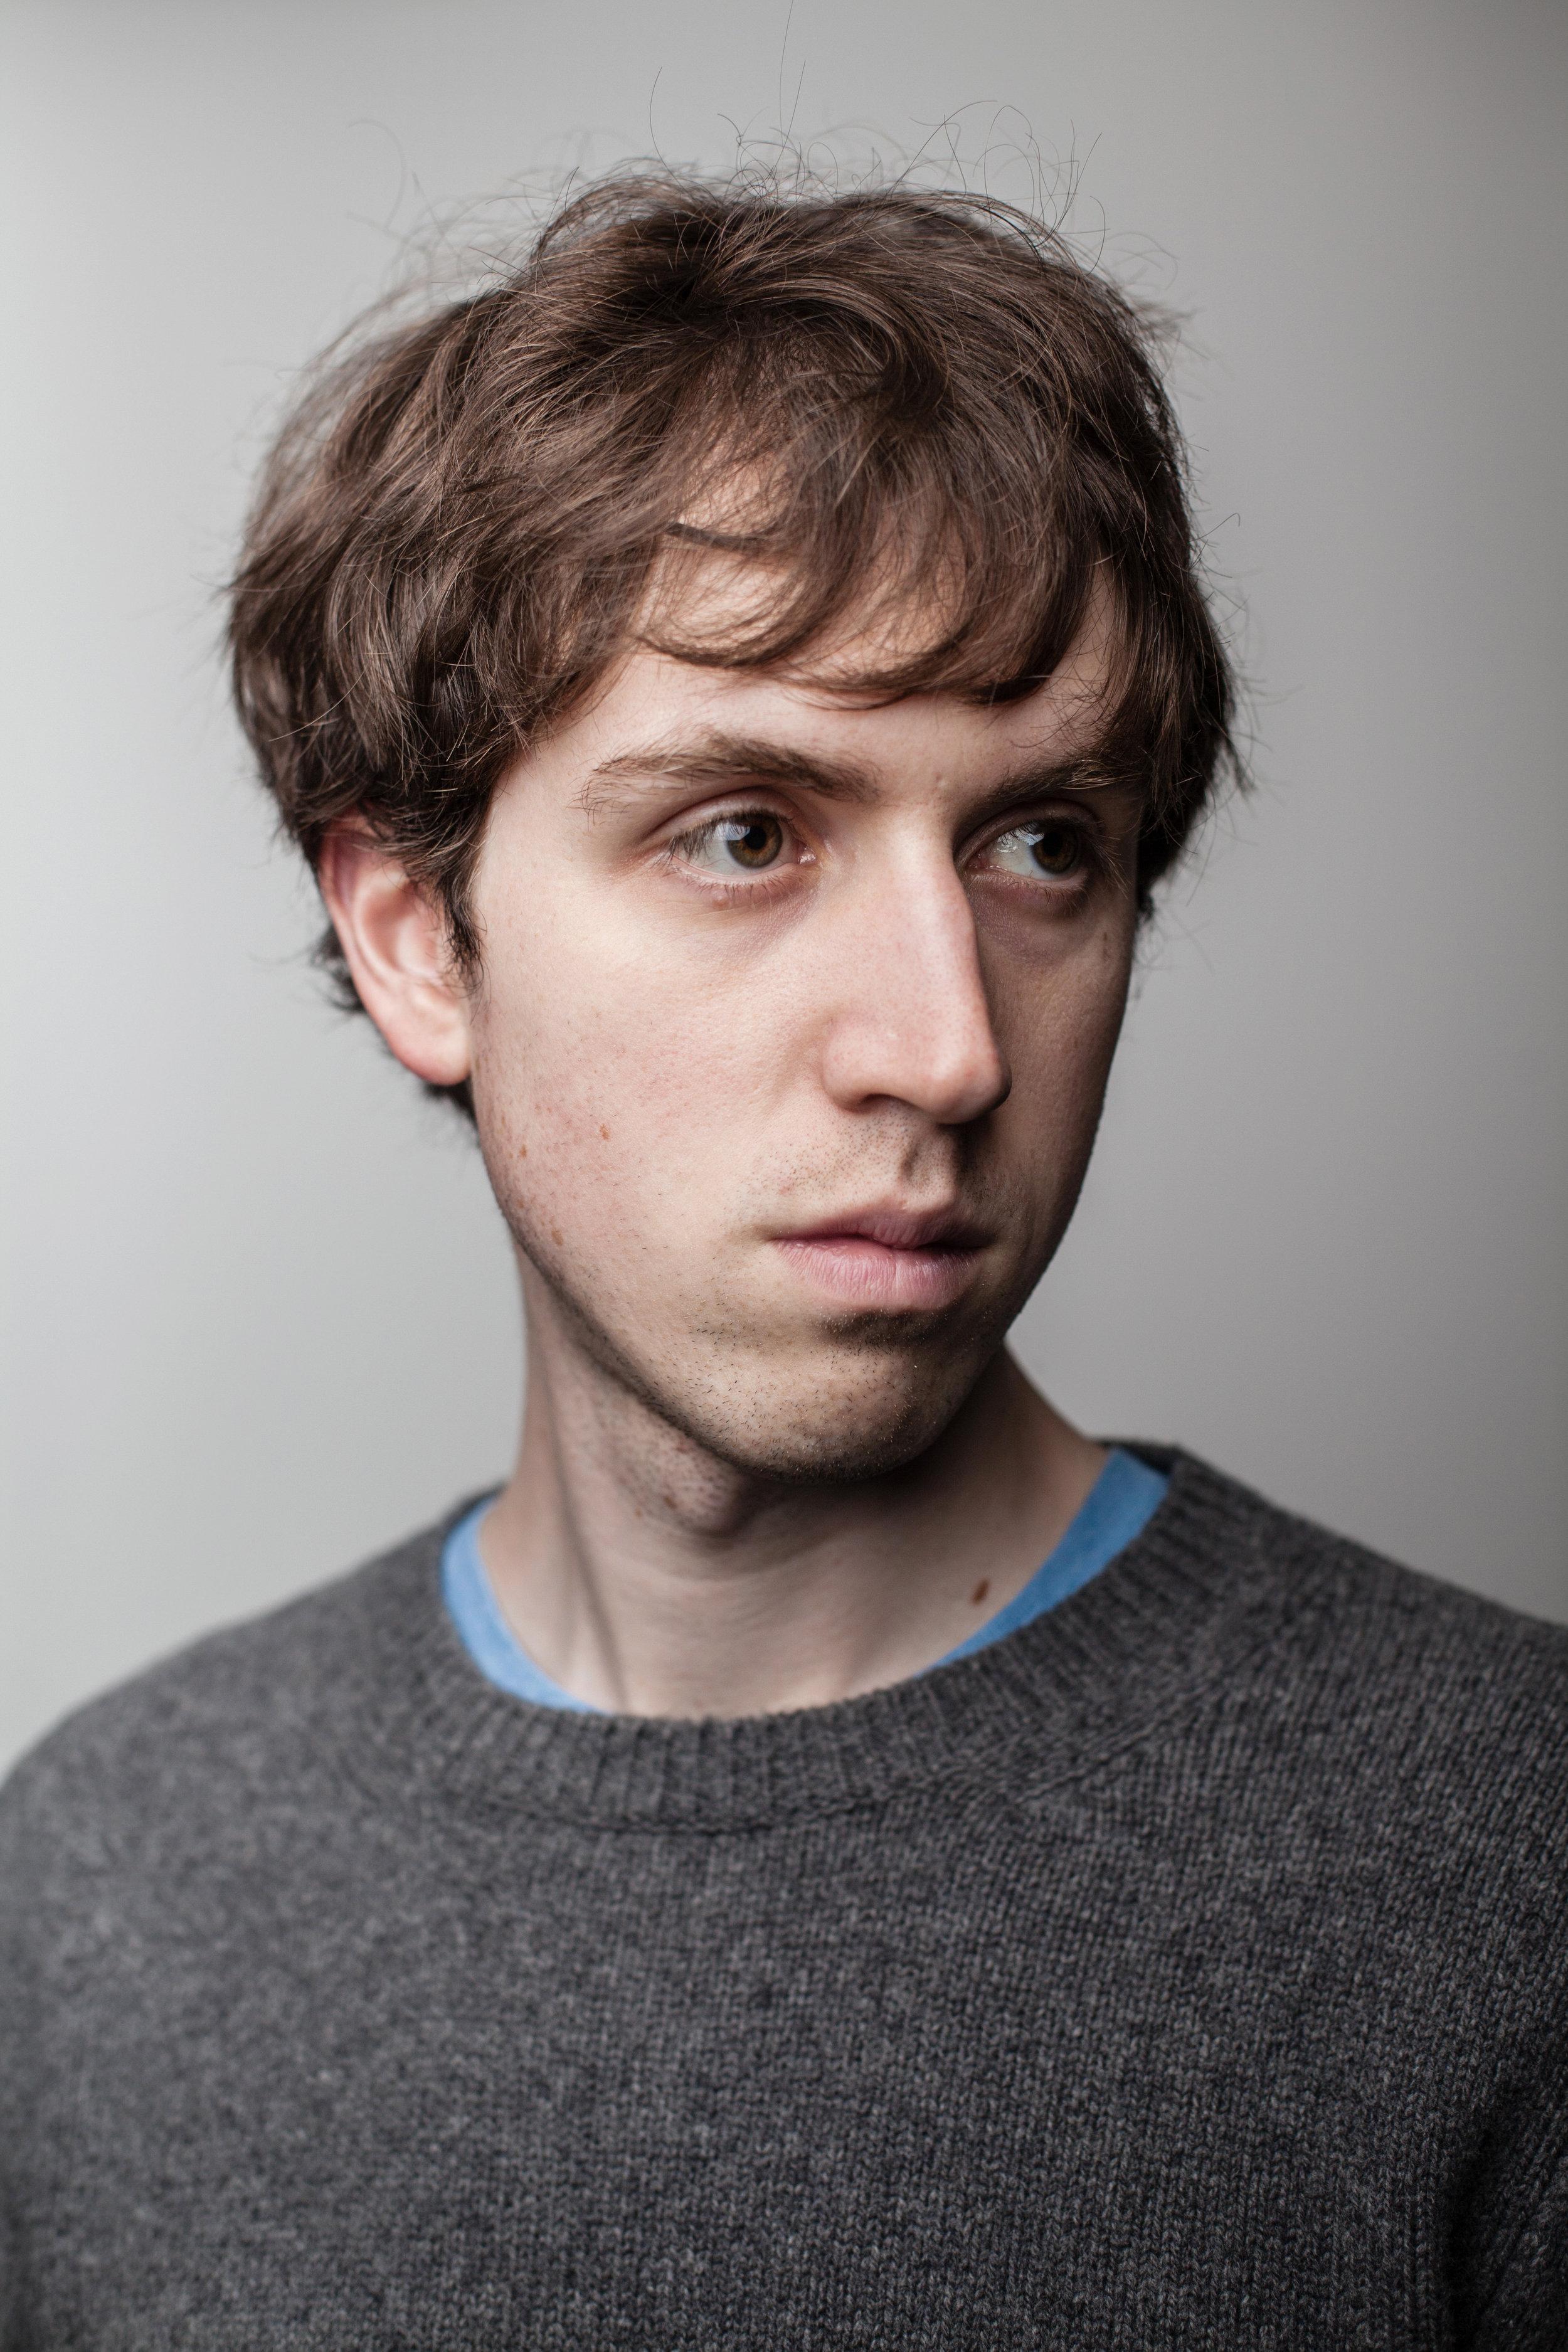 Adam D'Angelo. Fondateur de Quora. Ex directeur technique de Facebook. Le Point. 2017.